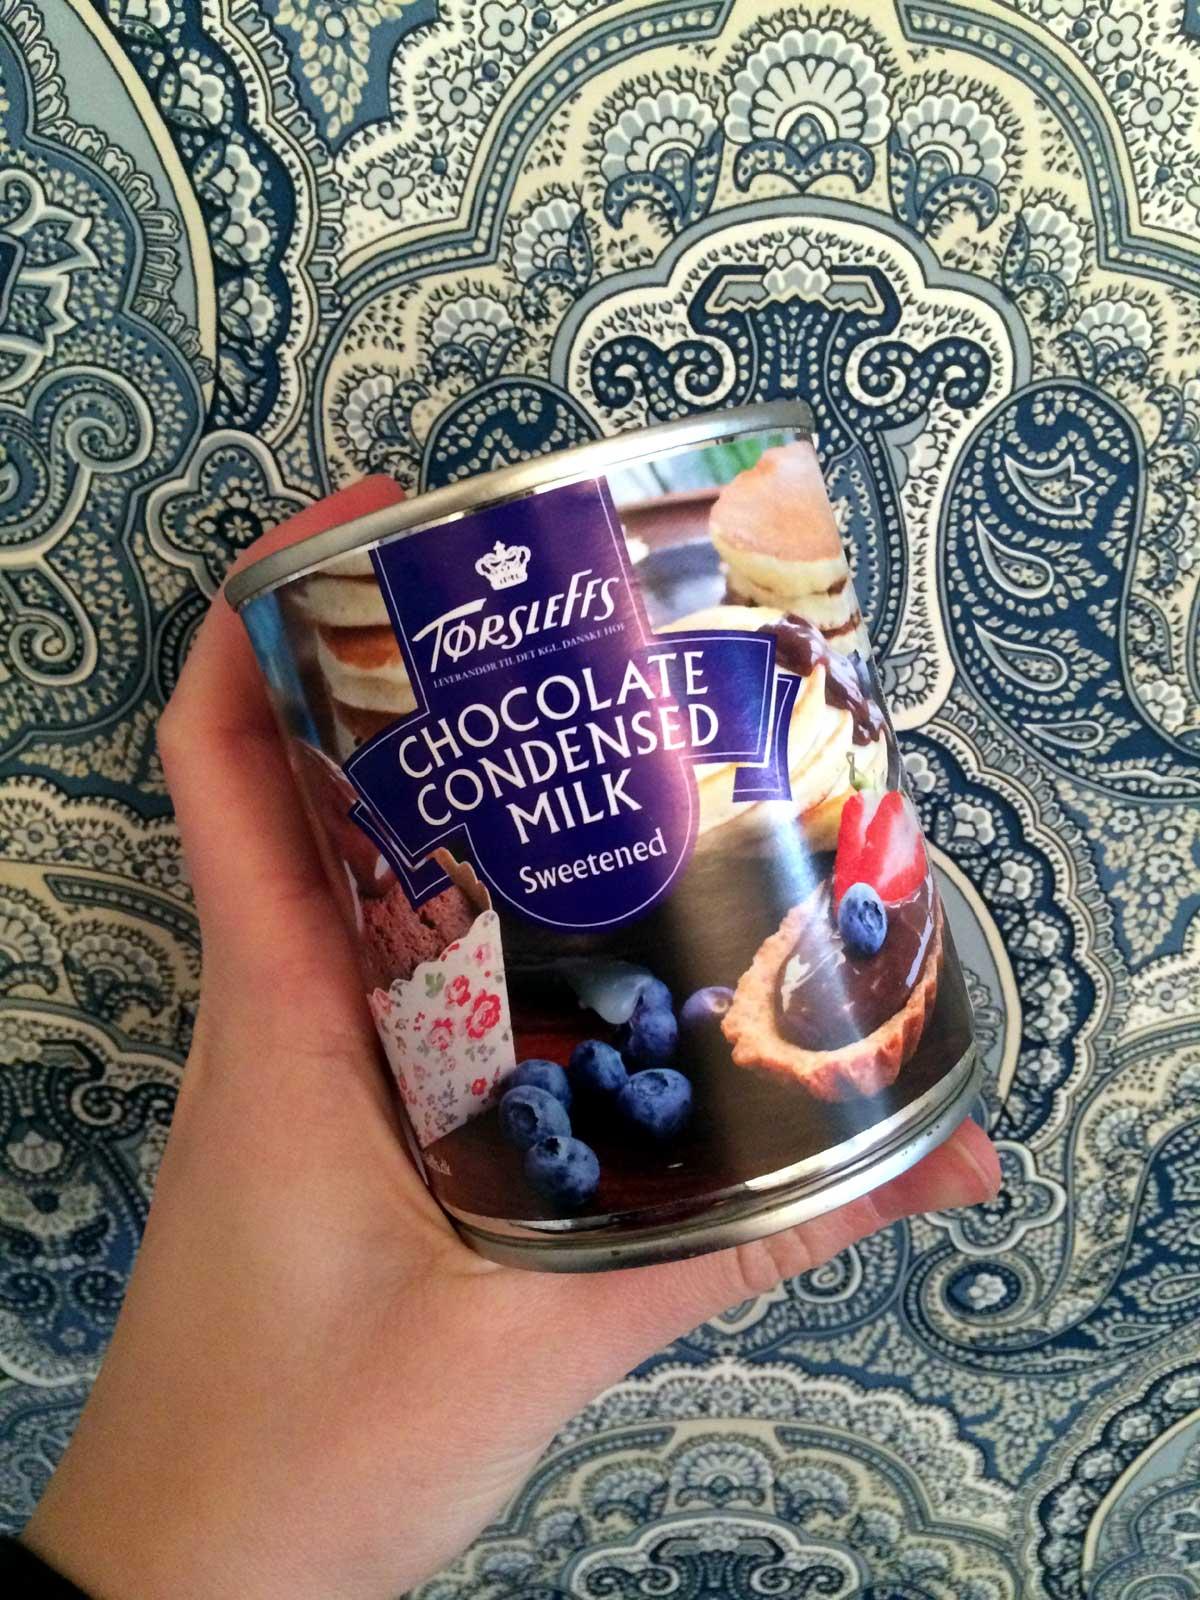 Ett exempel på en kondenserad chokladmjölk.